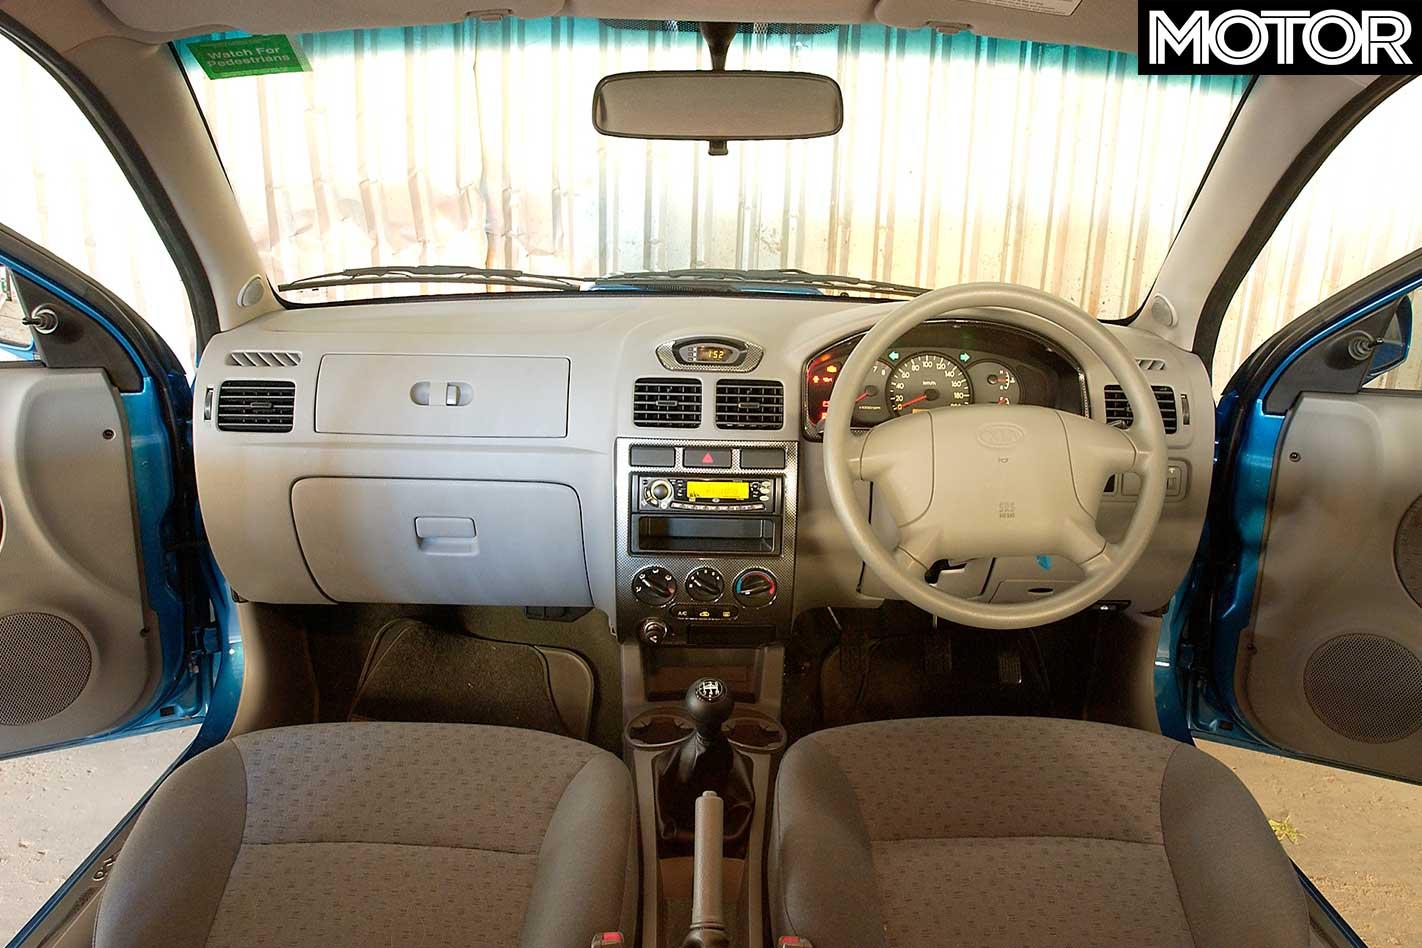 2005 Subaru Impreza WRX STi vs Kia Rio Sports-Pac comparison